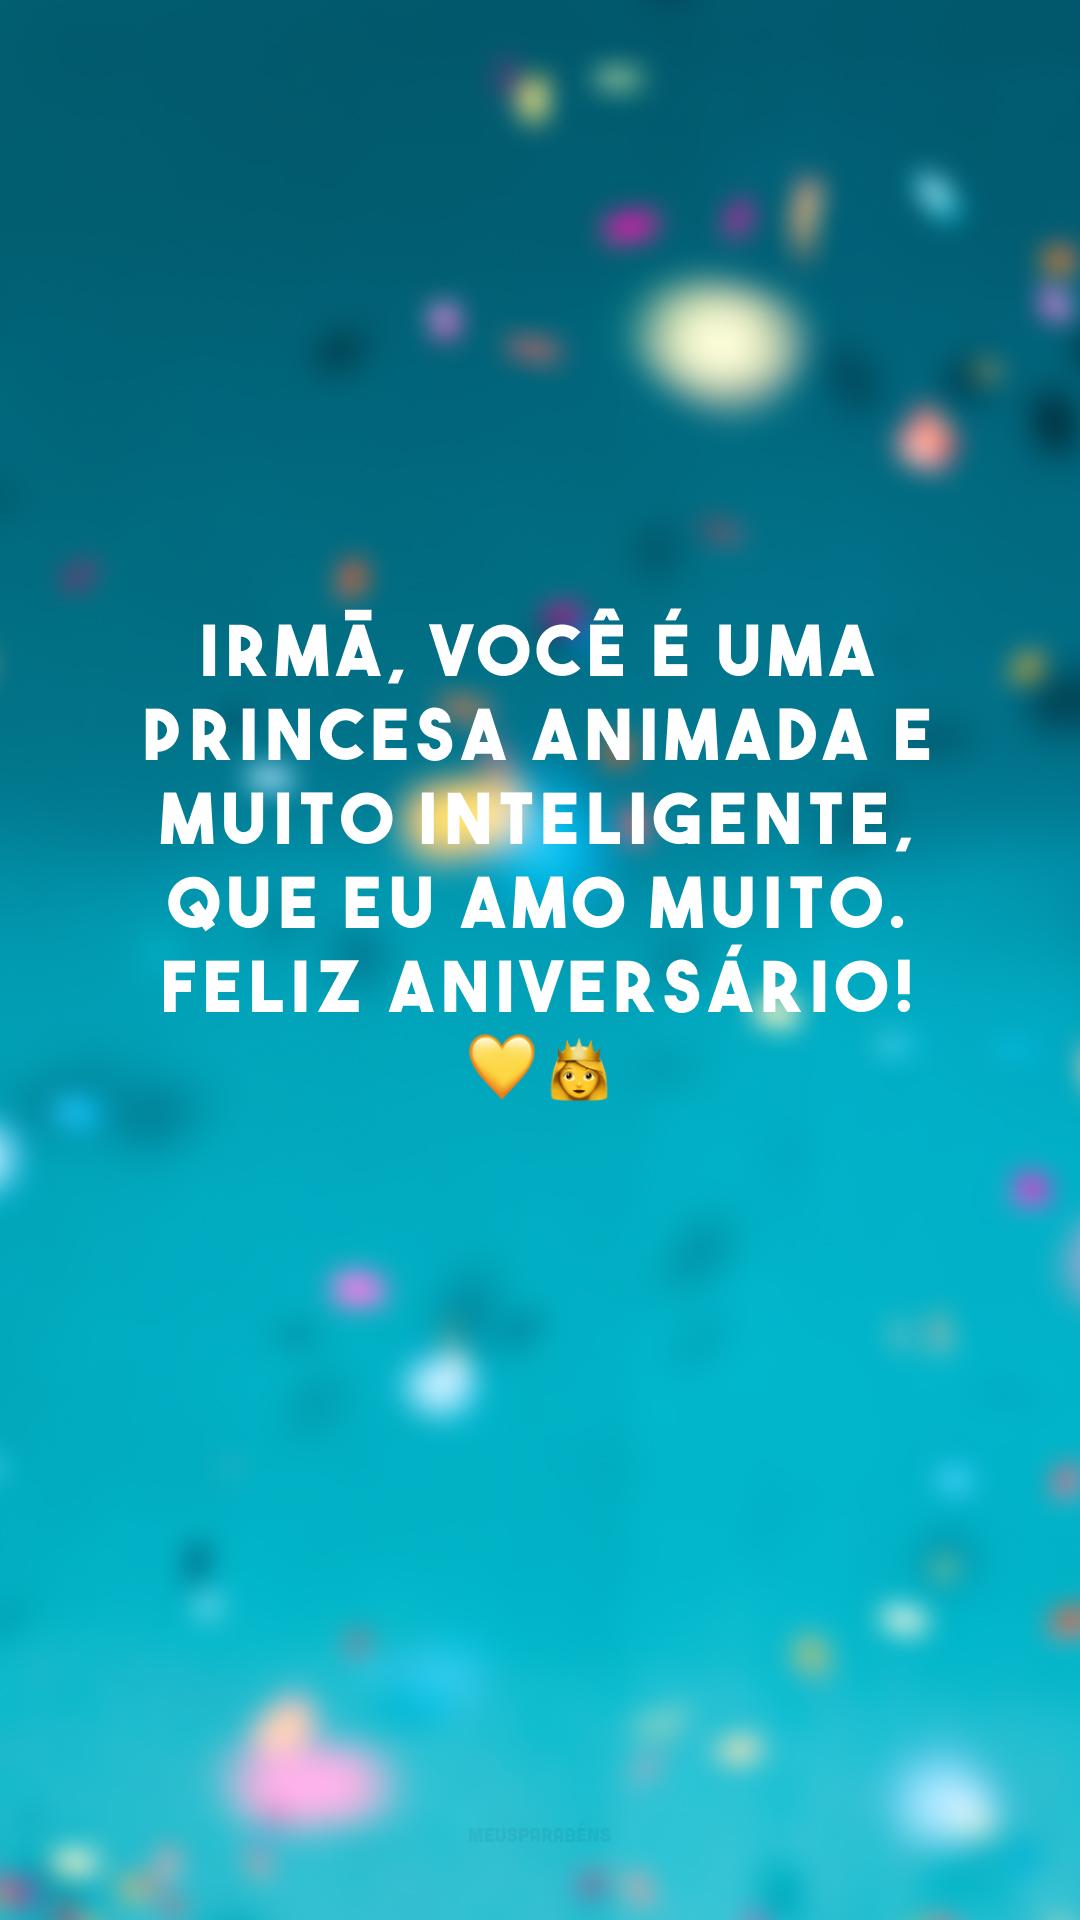 Irmã, você é uma princesa animada e muito inteligente, que eu amo muito. Feliz aniversário! 💛👸